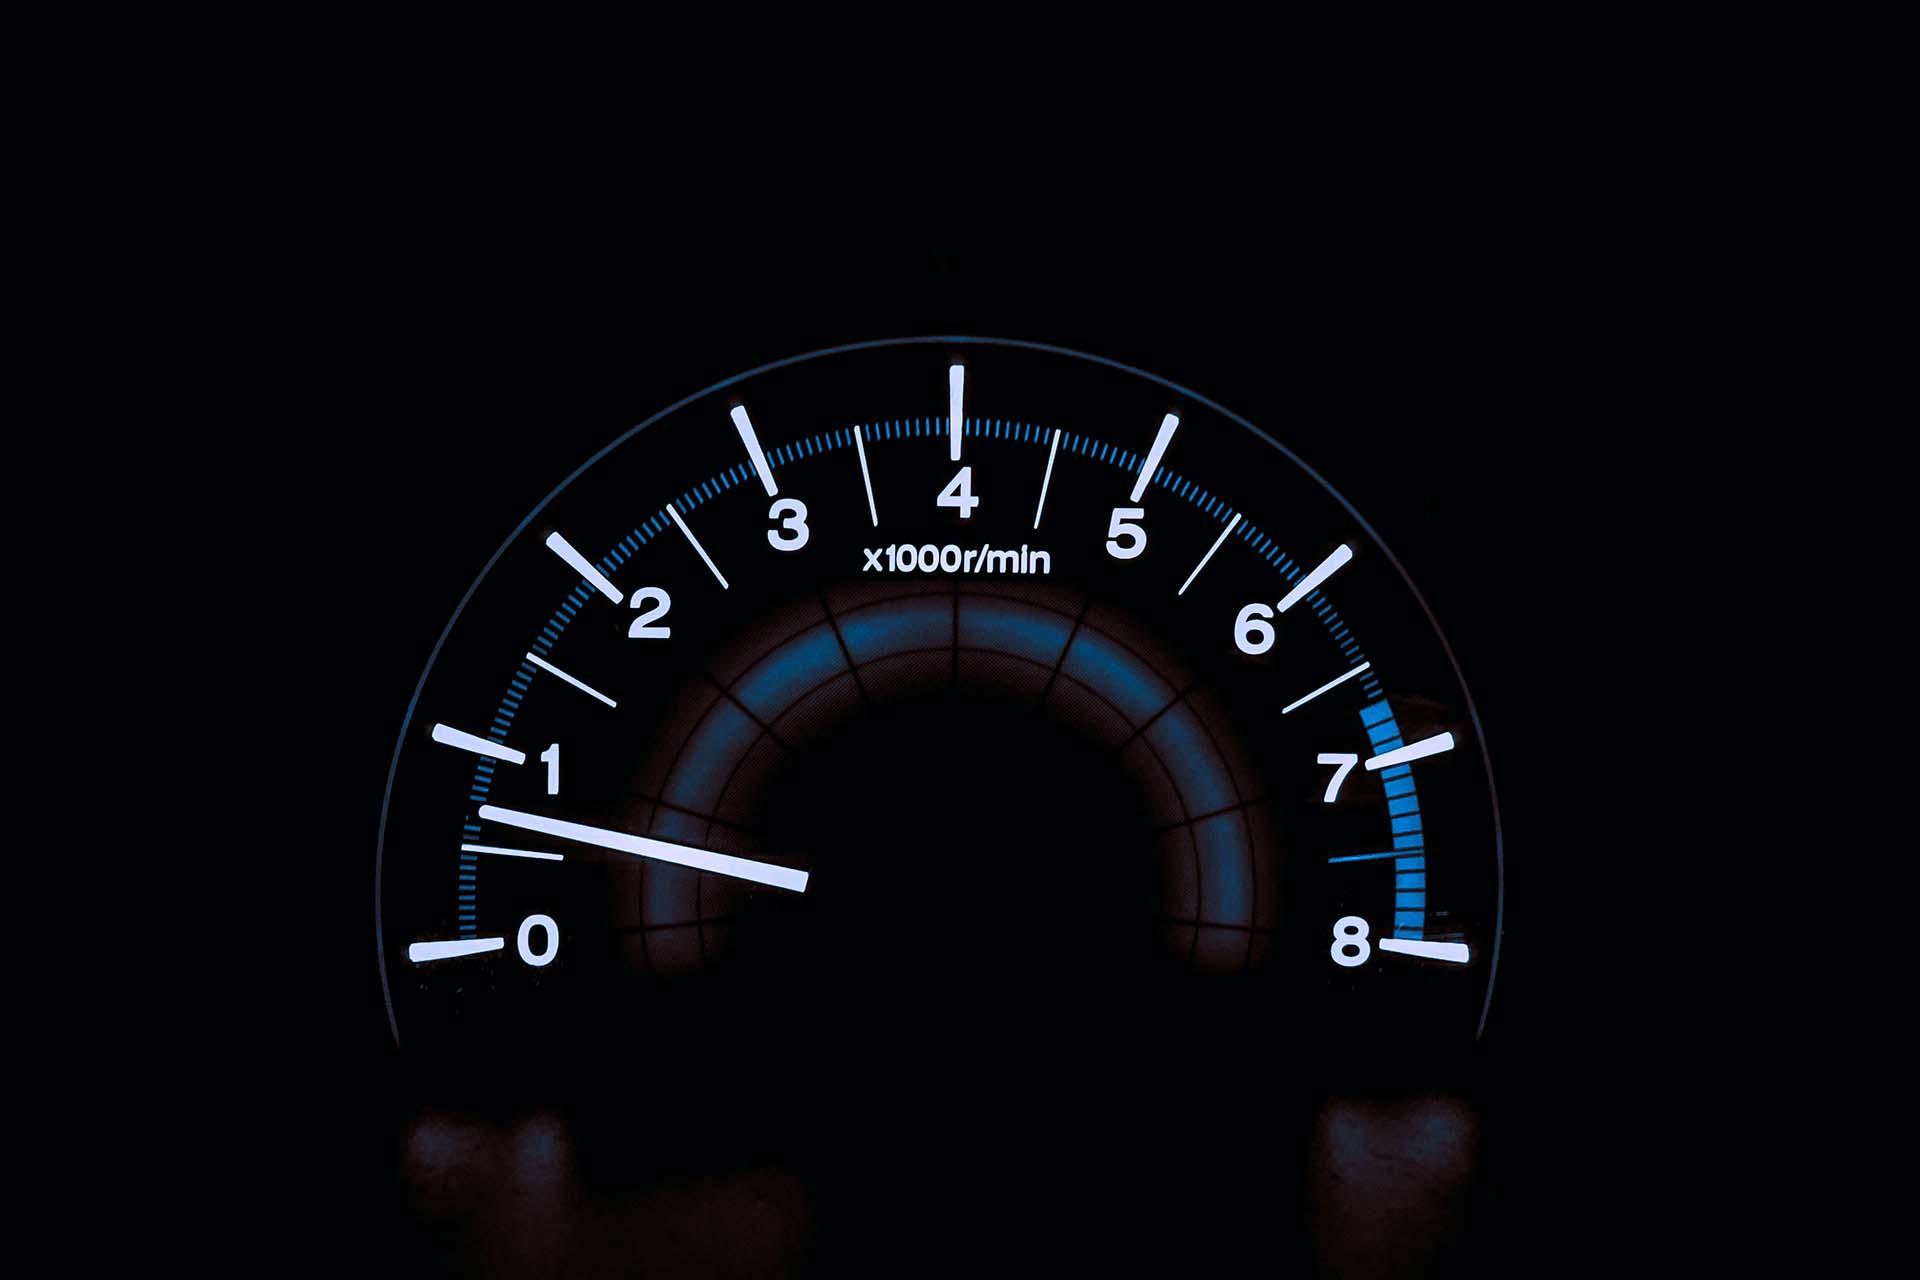 t2informatik Blog: Geschwindigkeit als unfairer Vorteil